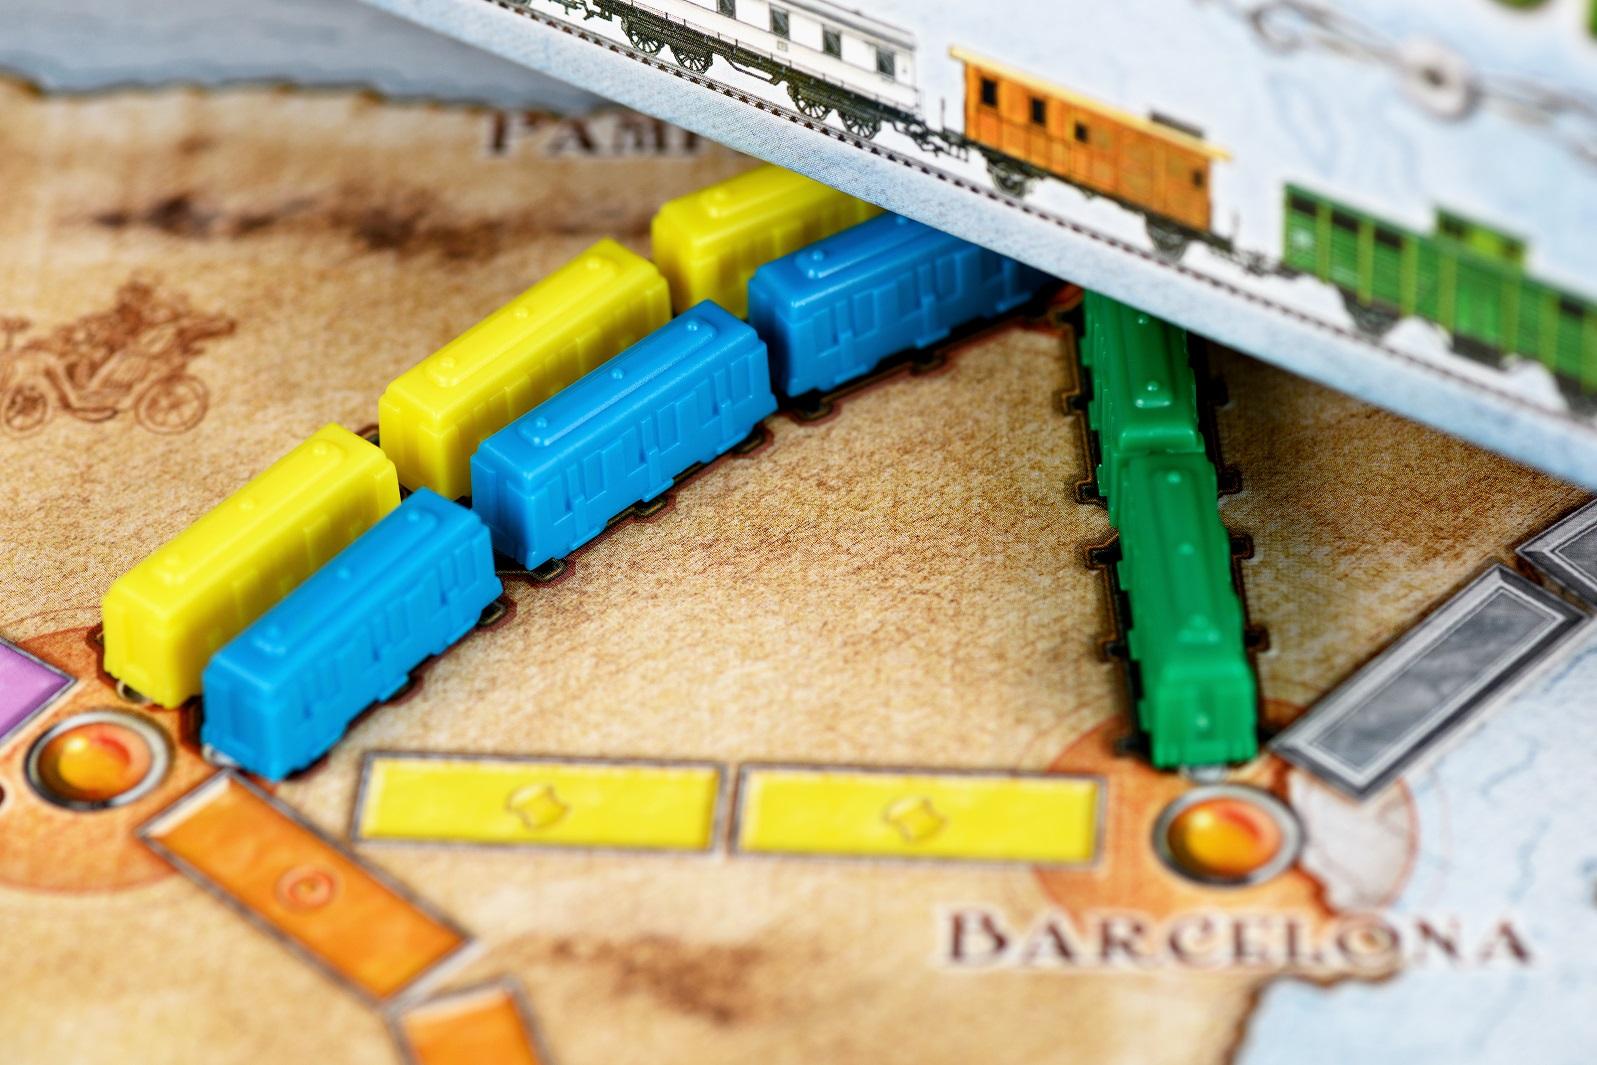 Wsiąść do Pociągu to gra o wielkiej, kolejowej przygodzie!